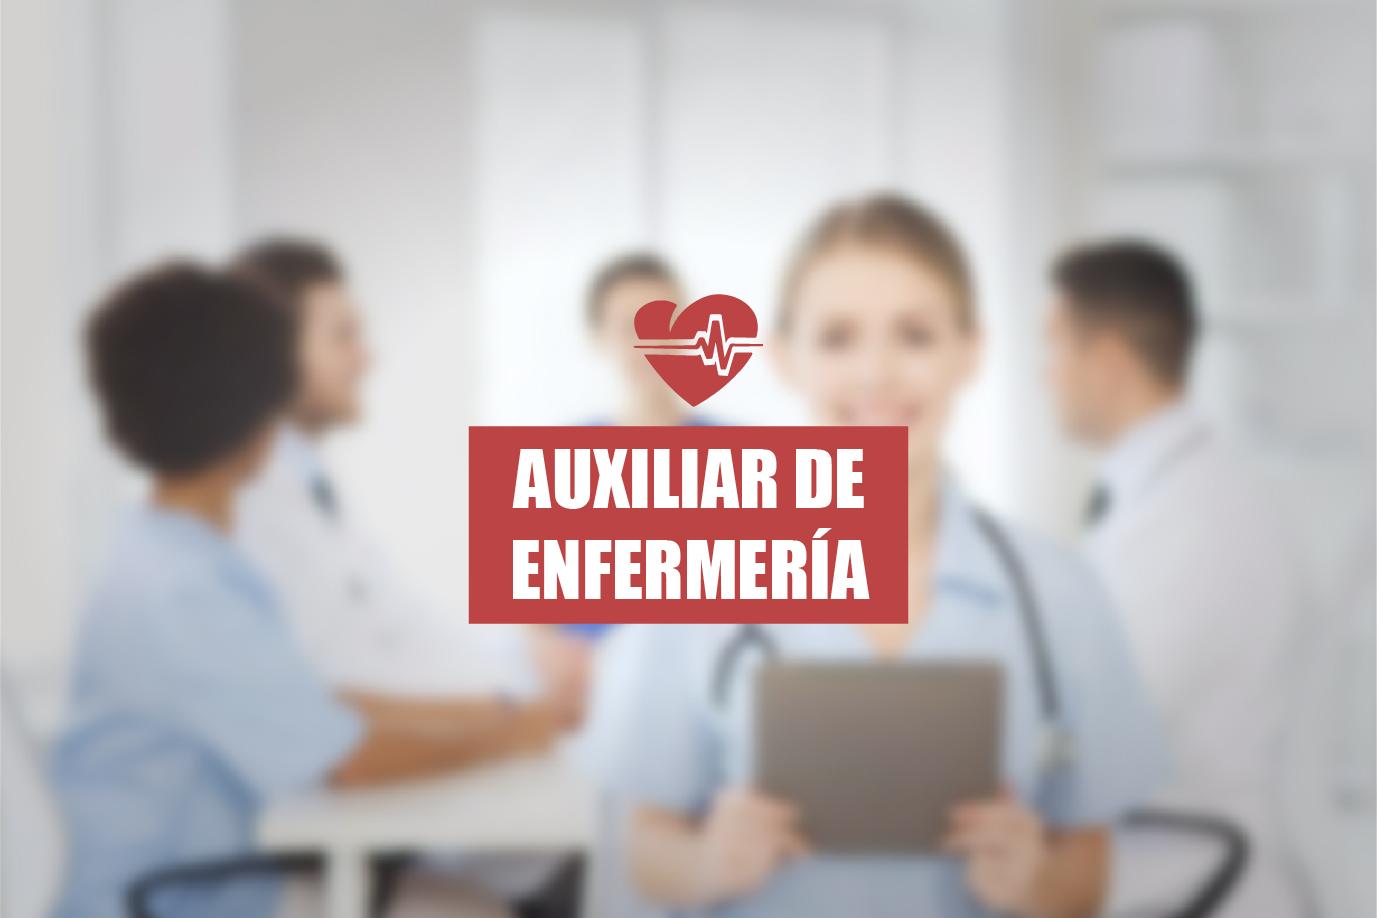 Resultado de imagen de OPE AUXILIAR DE ENFERMERIA